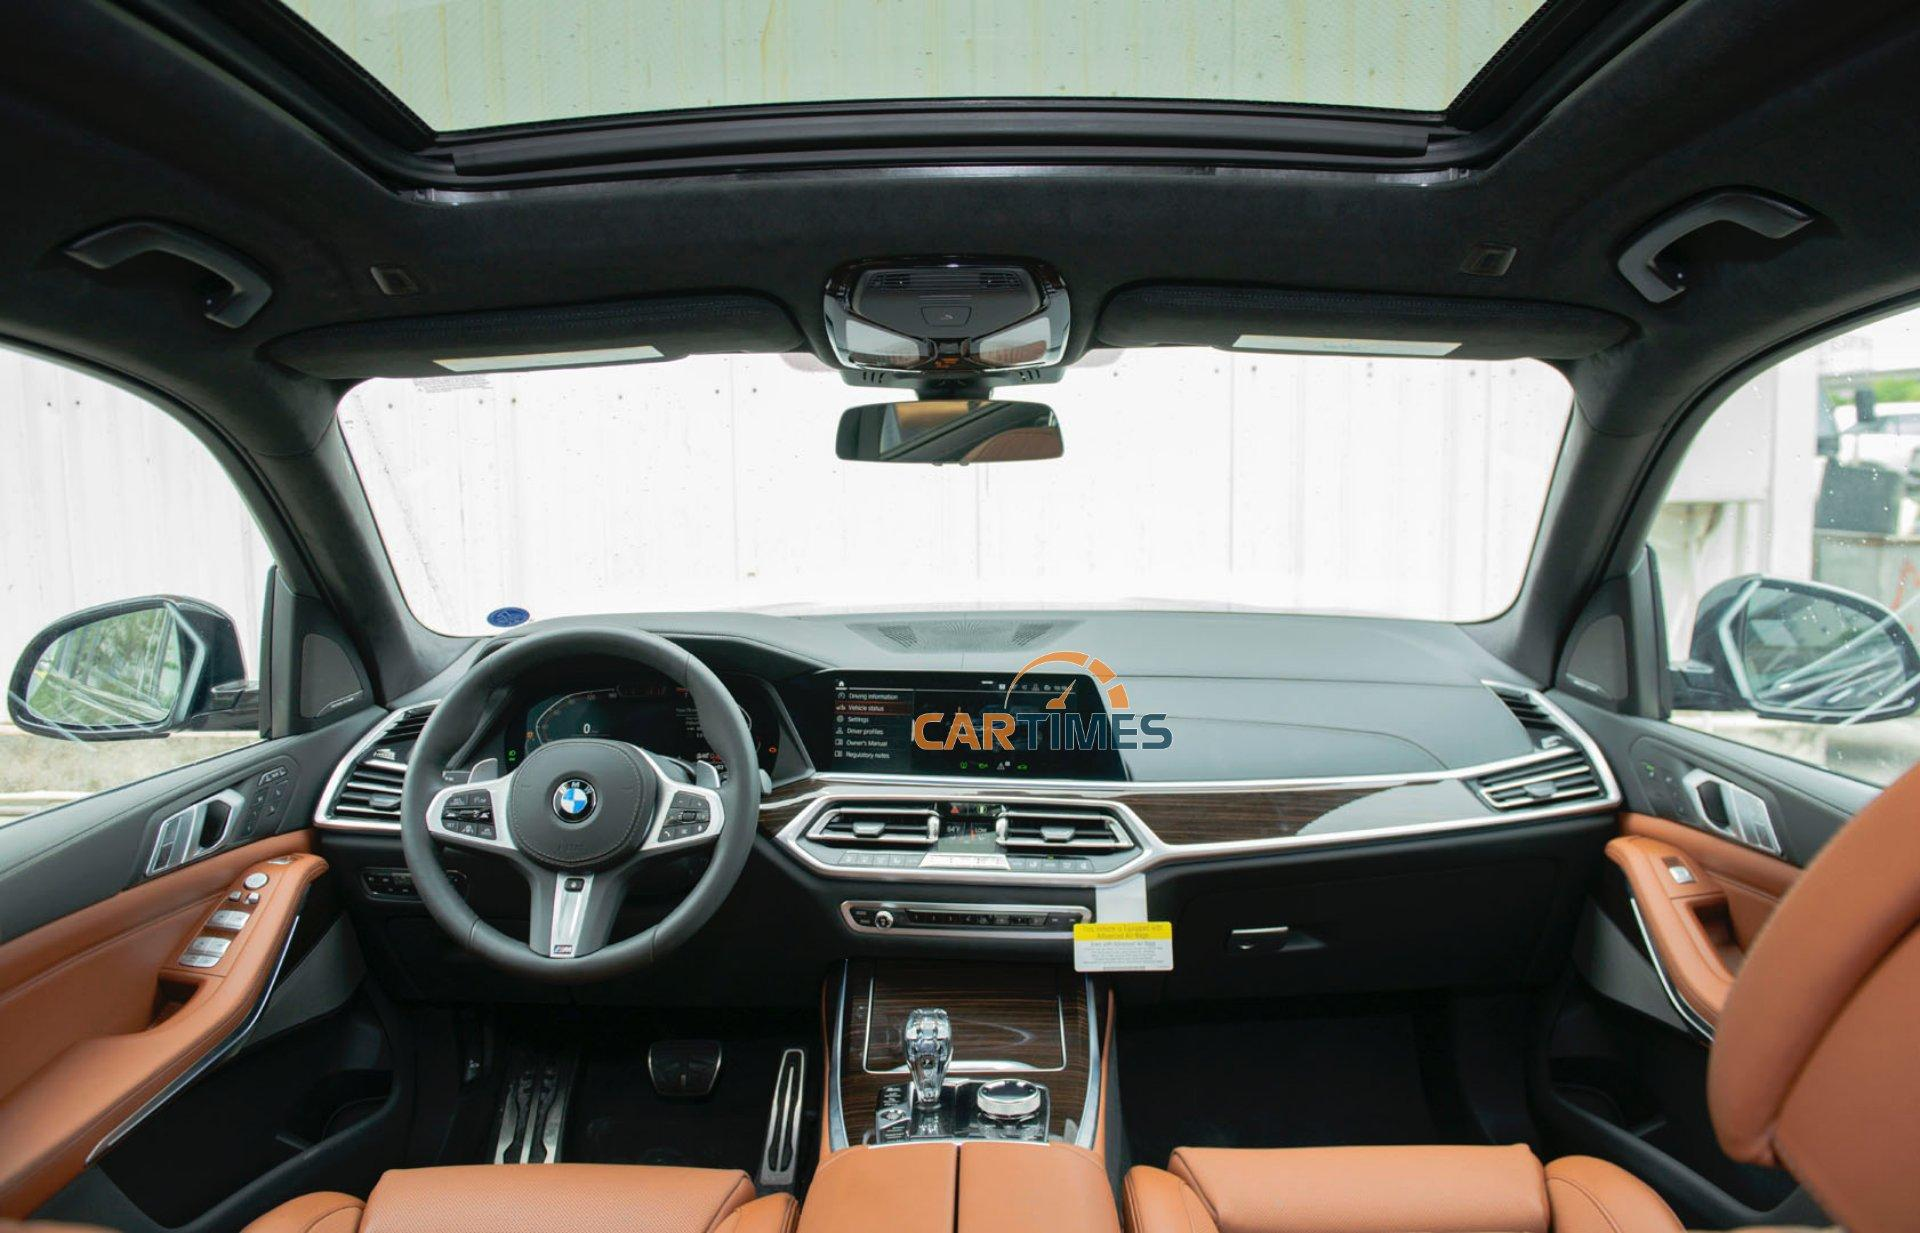 Giá hơn 7 tỷ đồng, BMW X7 thứ 2 về Việt Nam có những trang bị gì? Ảnh 4